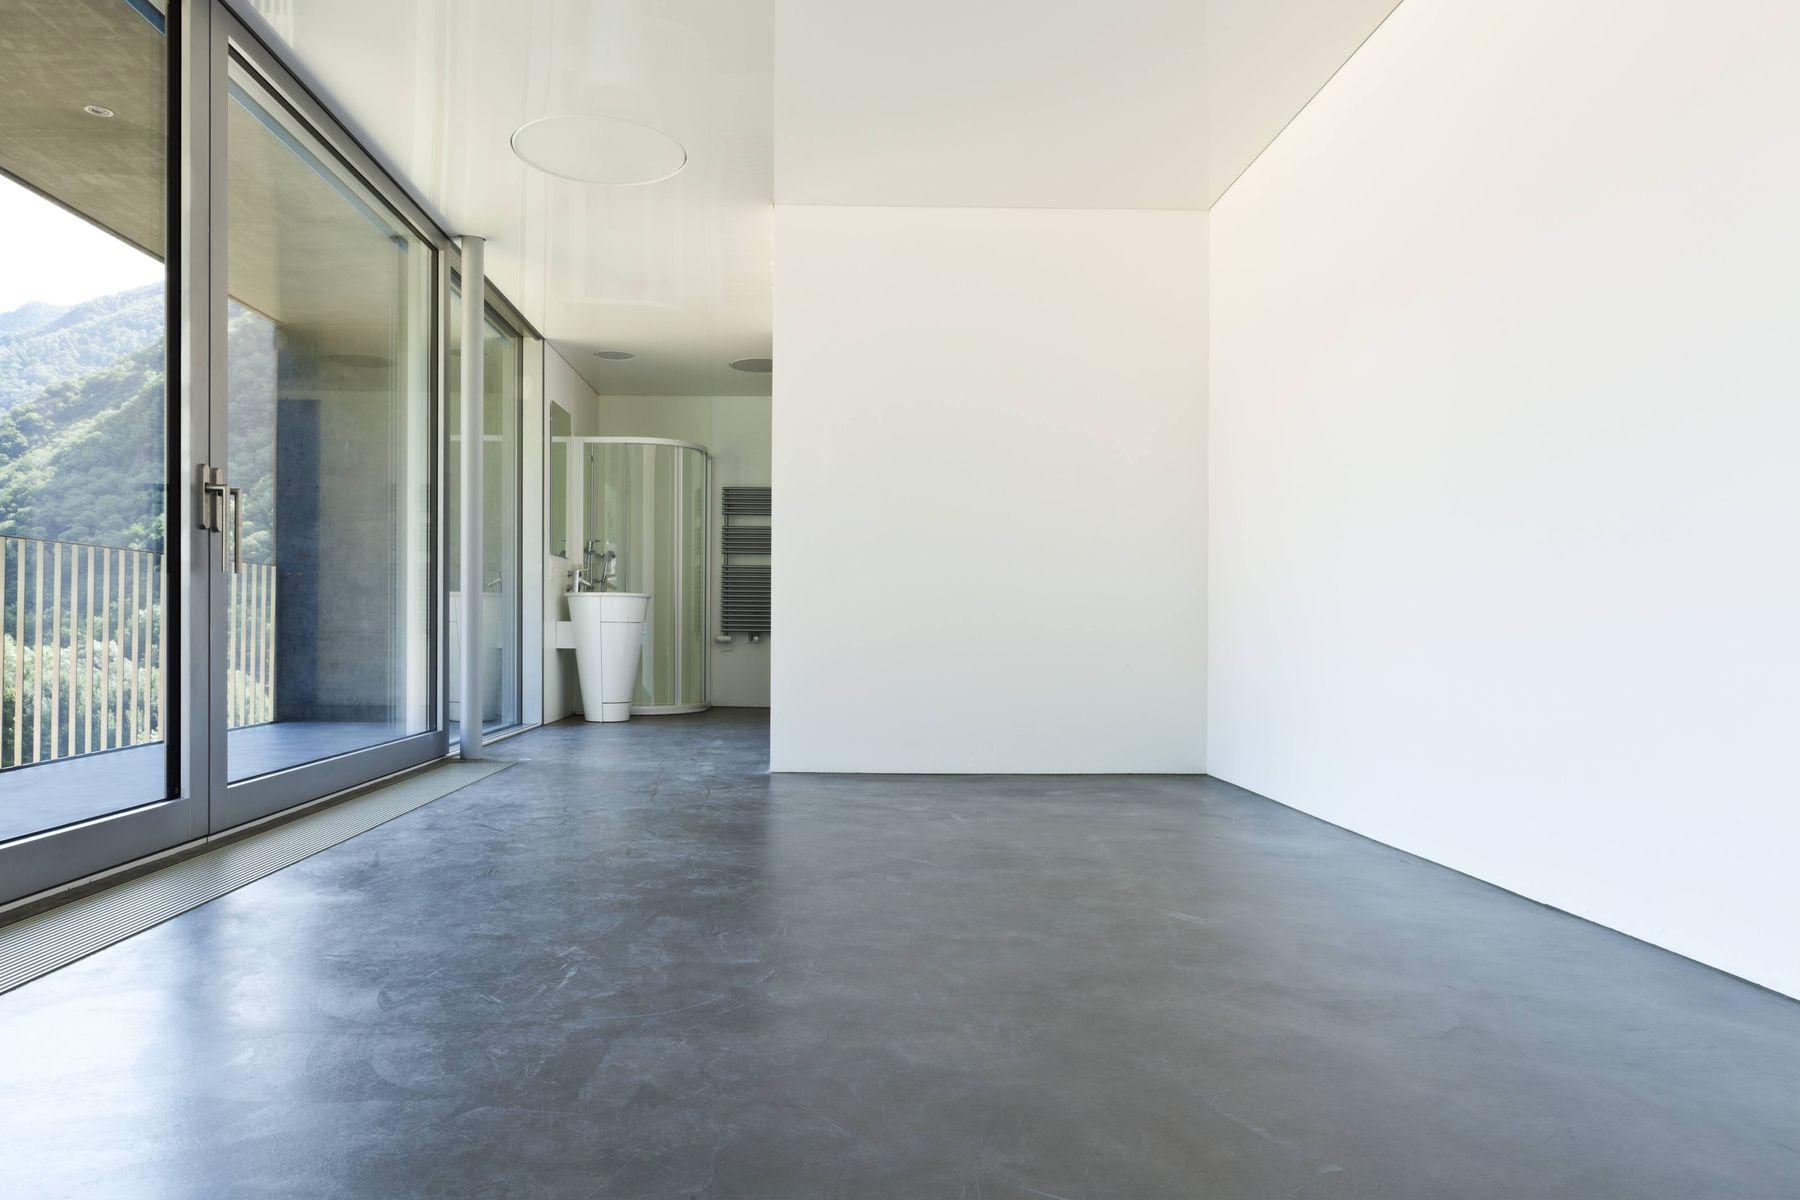 Tuổi thọ của sàn bê tông là bao nhiêu?